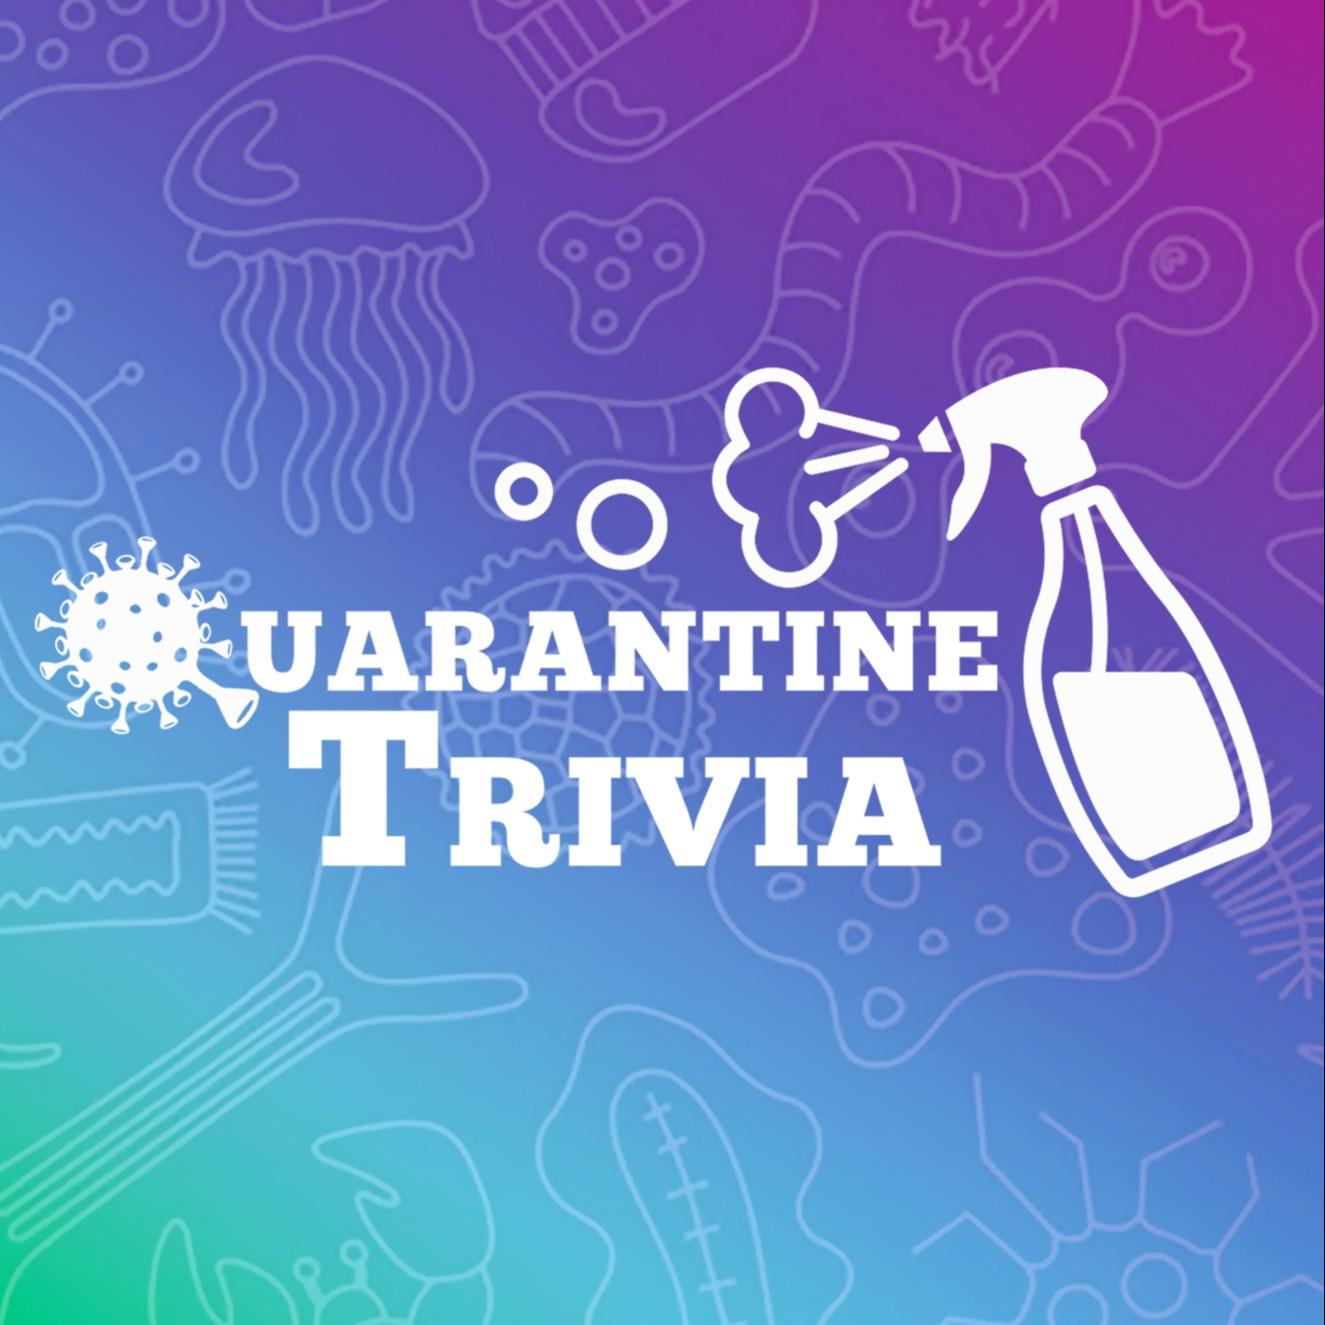 Quarantine Trivia